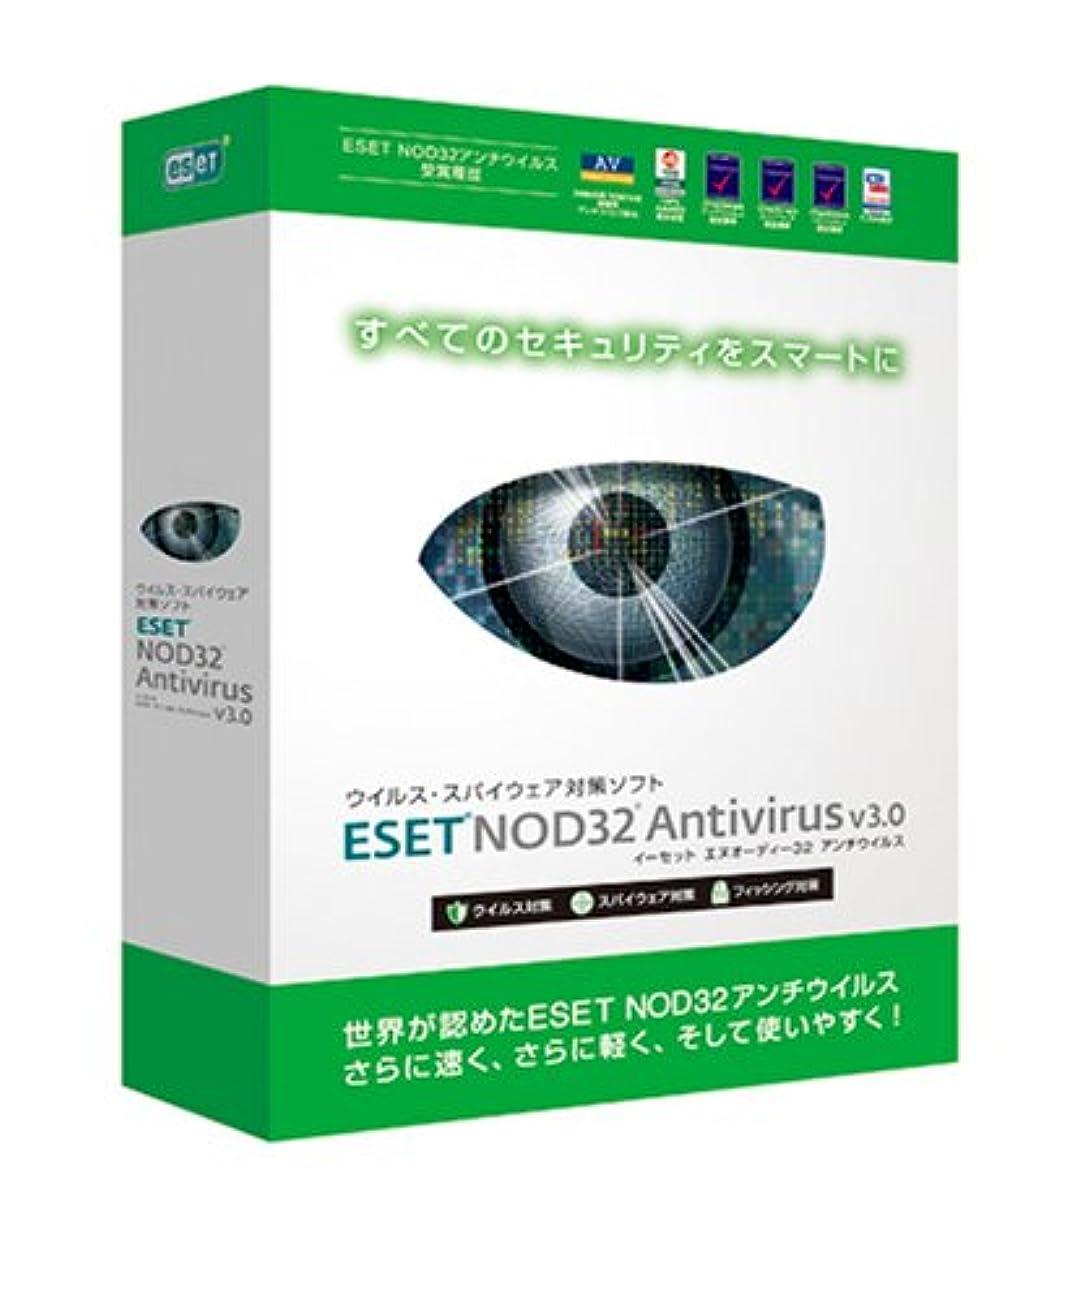 チョップ超高層ビル不毛ESET NOD32アンチウイルス V3.0